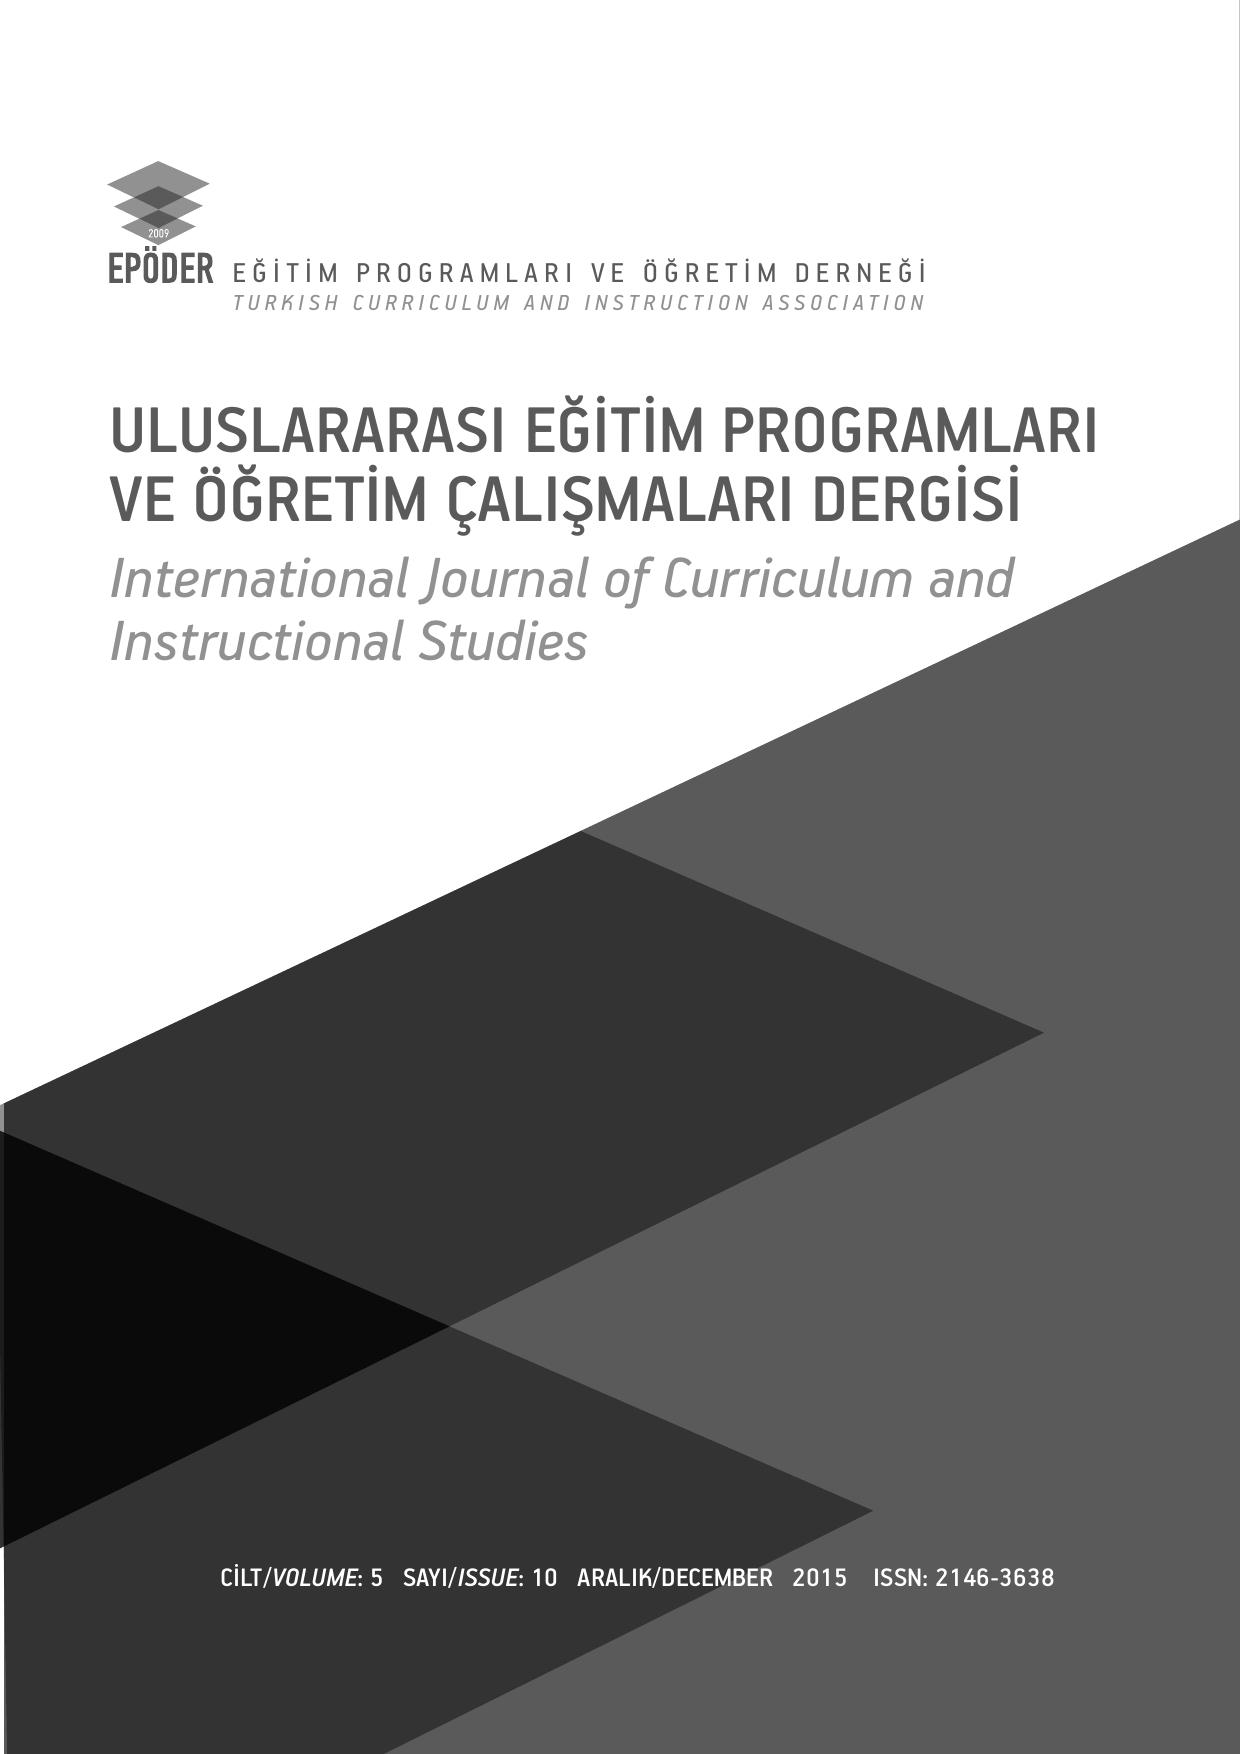 DOW ve okuldaki GEF eğitim programında bölgesel bileşen